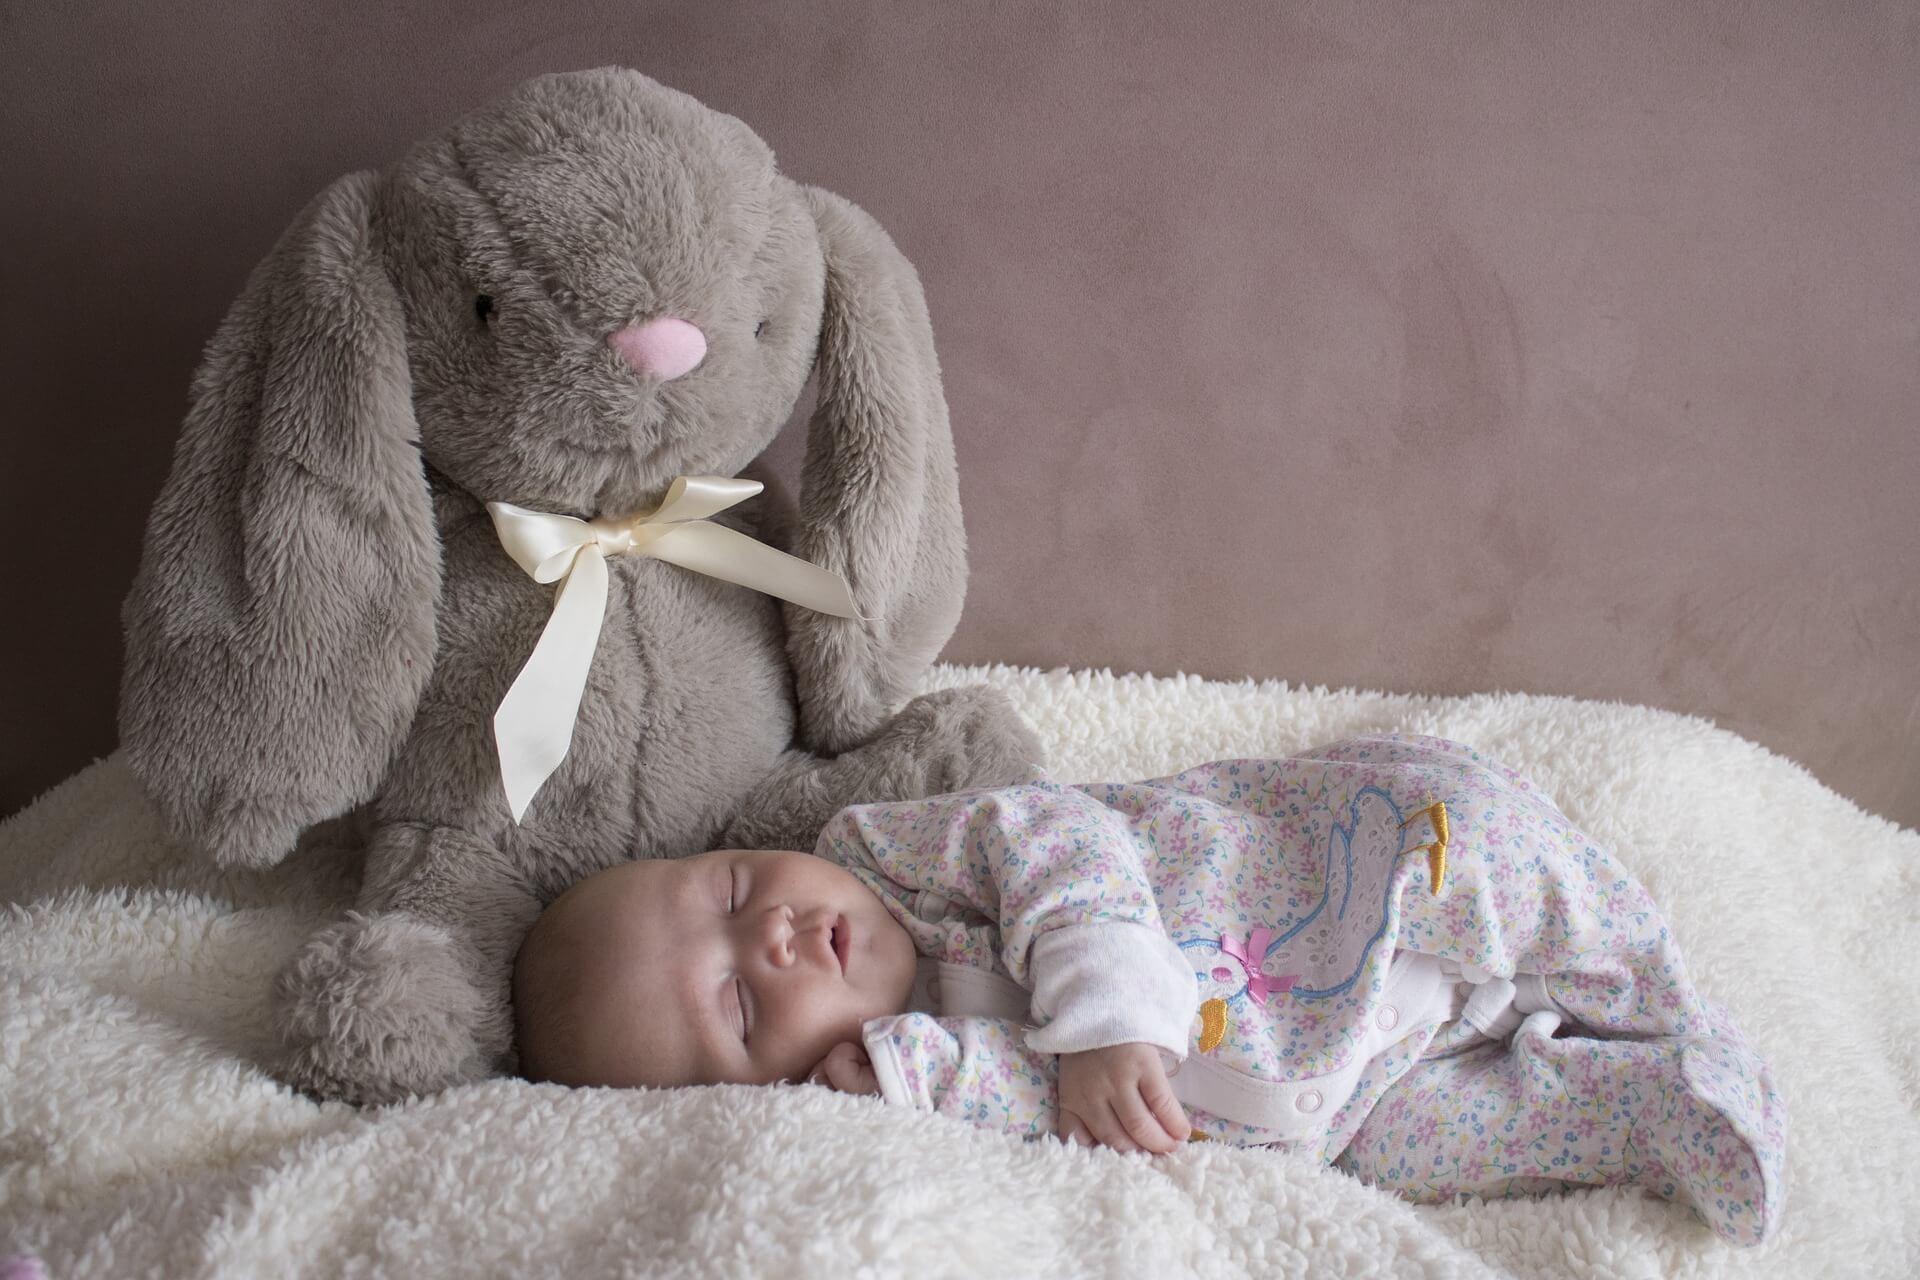 Rojstvo otroka je magičen čas v vašem življenju. Spoznavanje vašega novega dojenčka je lahko tudi zahtevno, če ste utrujeni in je vaš otrok ponoči buden